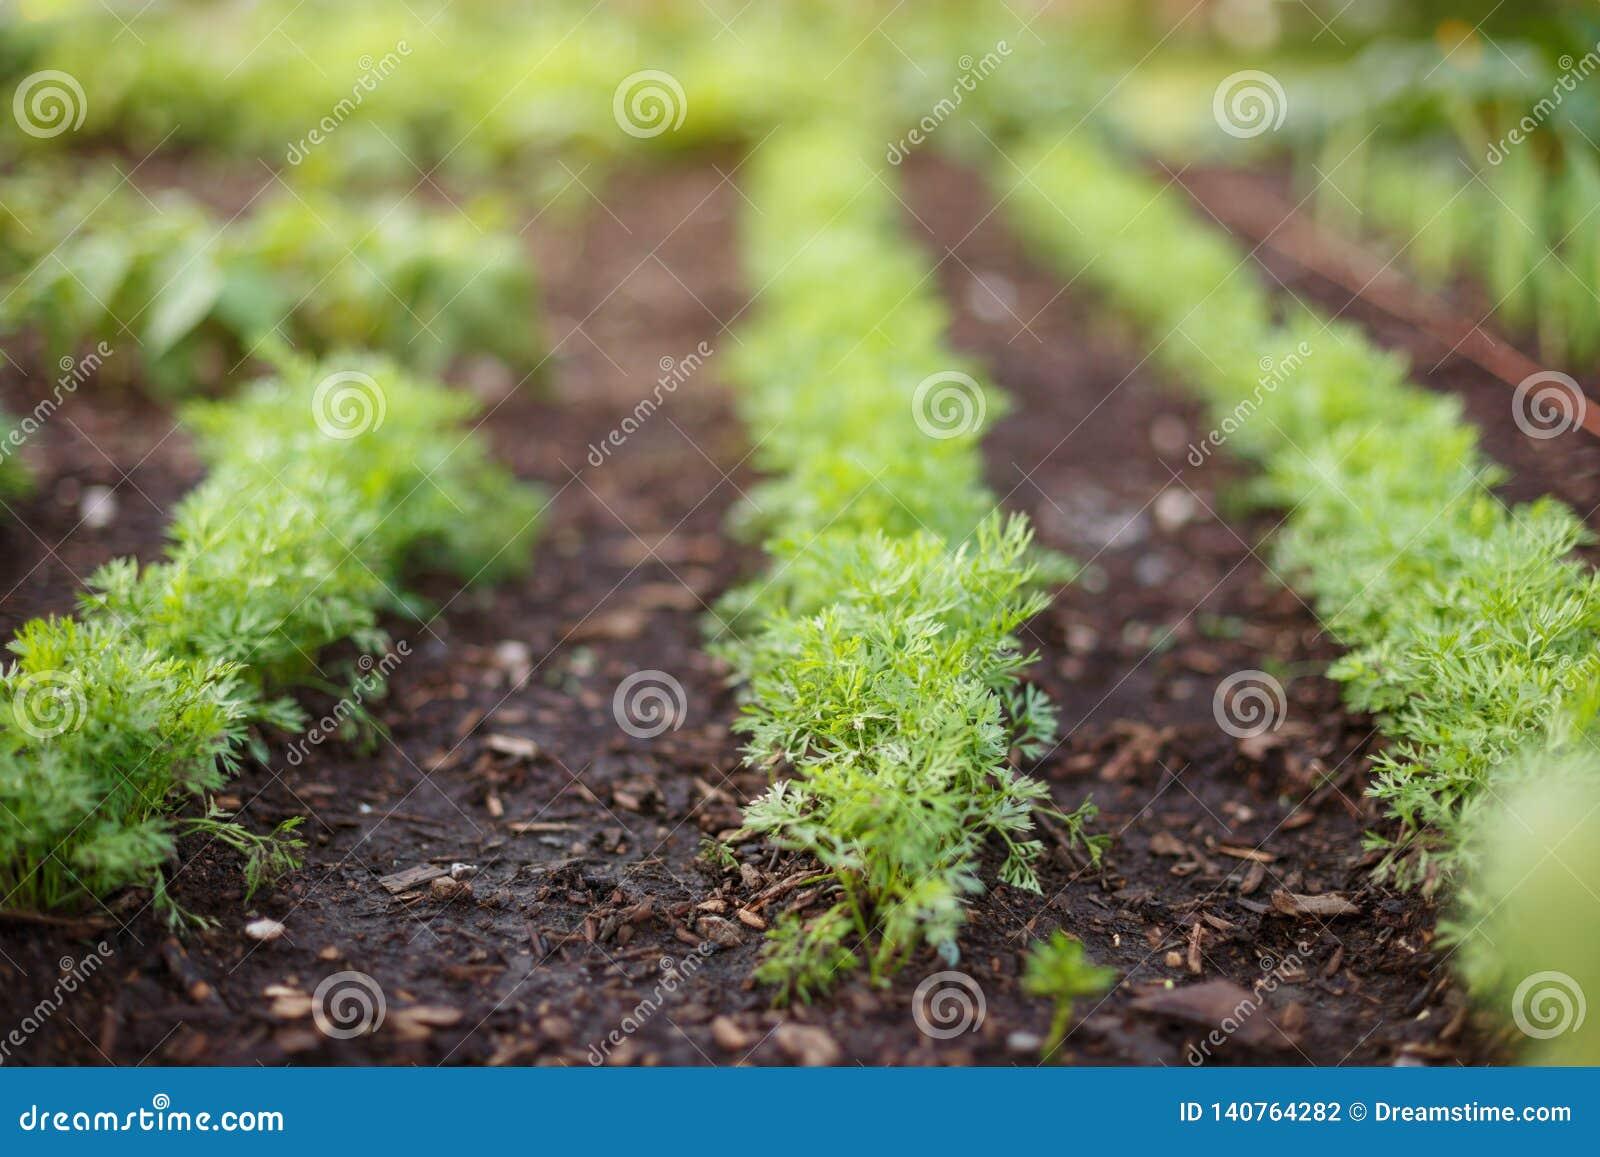 Los brotes de zanahorias jovenes crecen en una cama del jardín